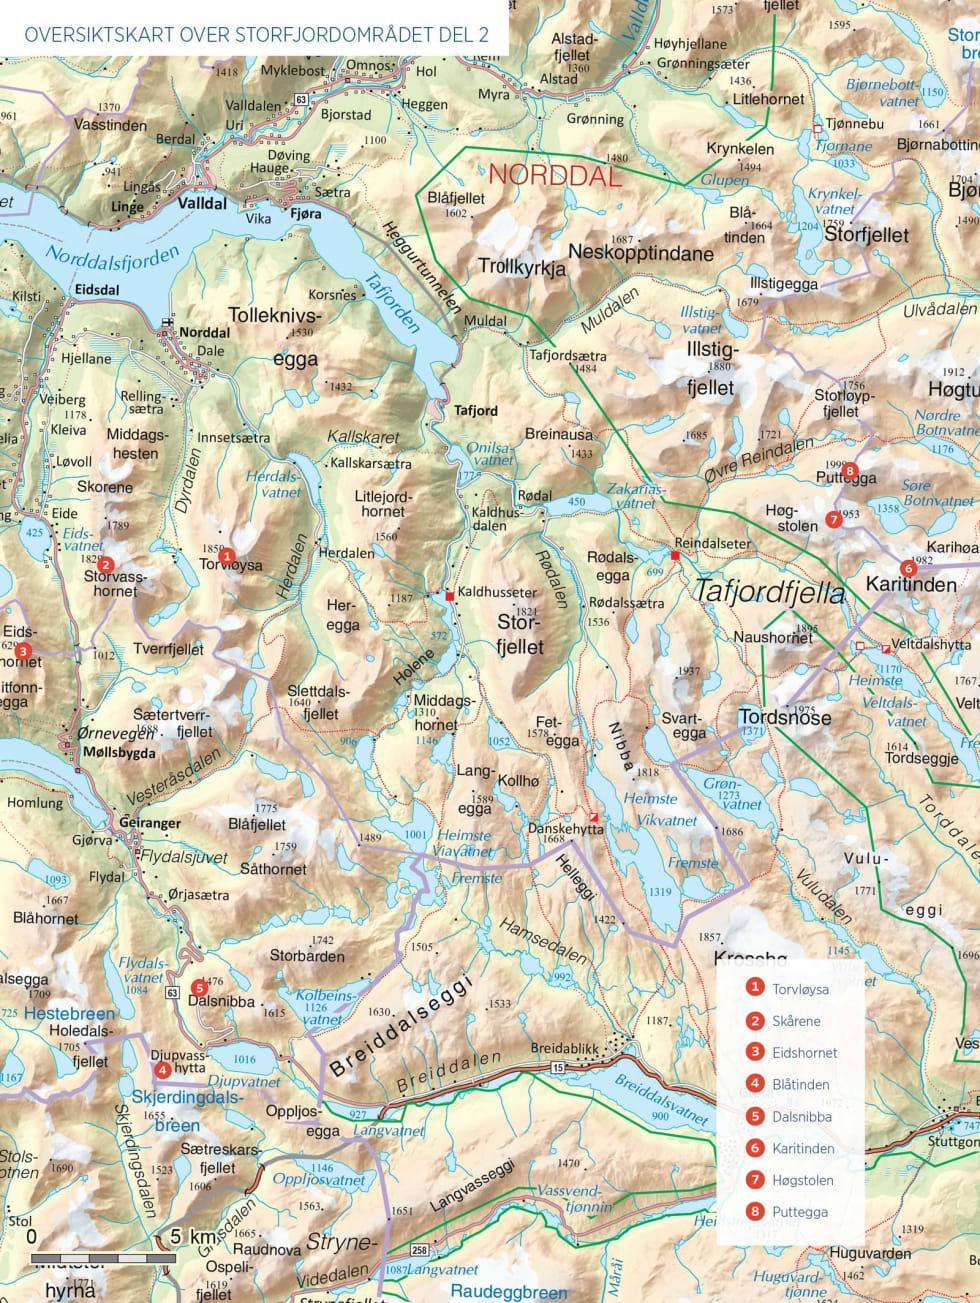 Oversiktskart over Storfjordområdet del 2.